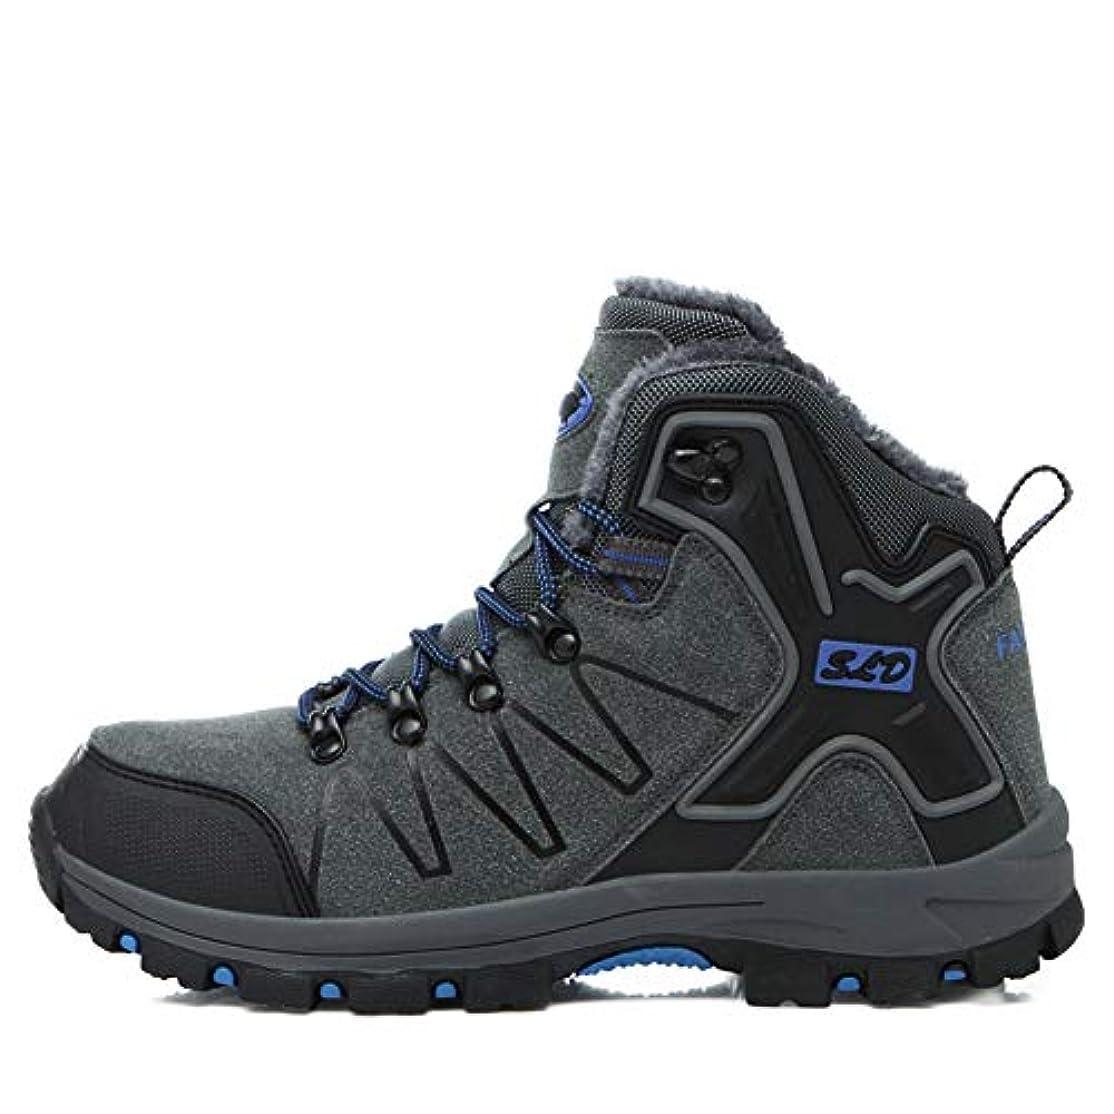 またね宗教順応性[TcIFE] トレッキングシューズ メンズ 防水 防滑 ハイカット 登山靴 大きいサイズ ハイキングシューズ メンズ 耐磨耗 ハイキングシューズ メンズ 通気性 スニーカー